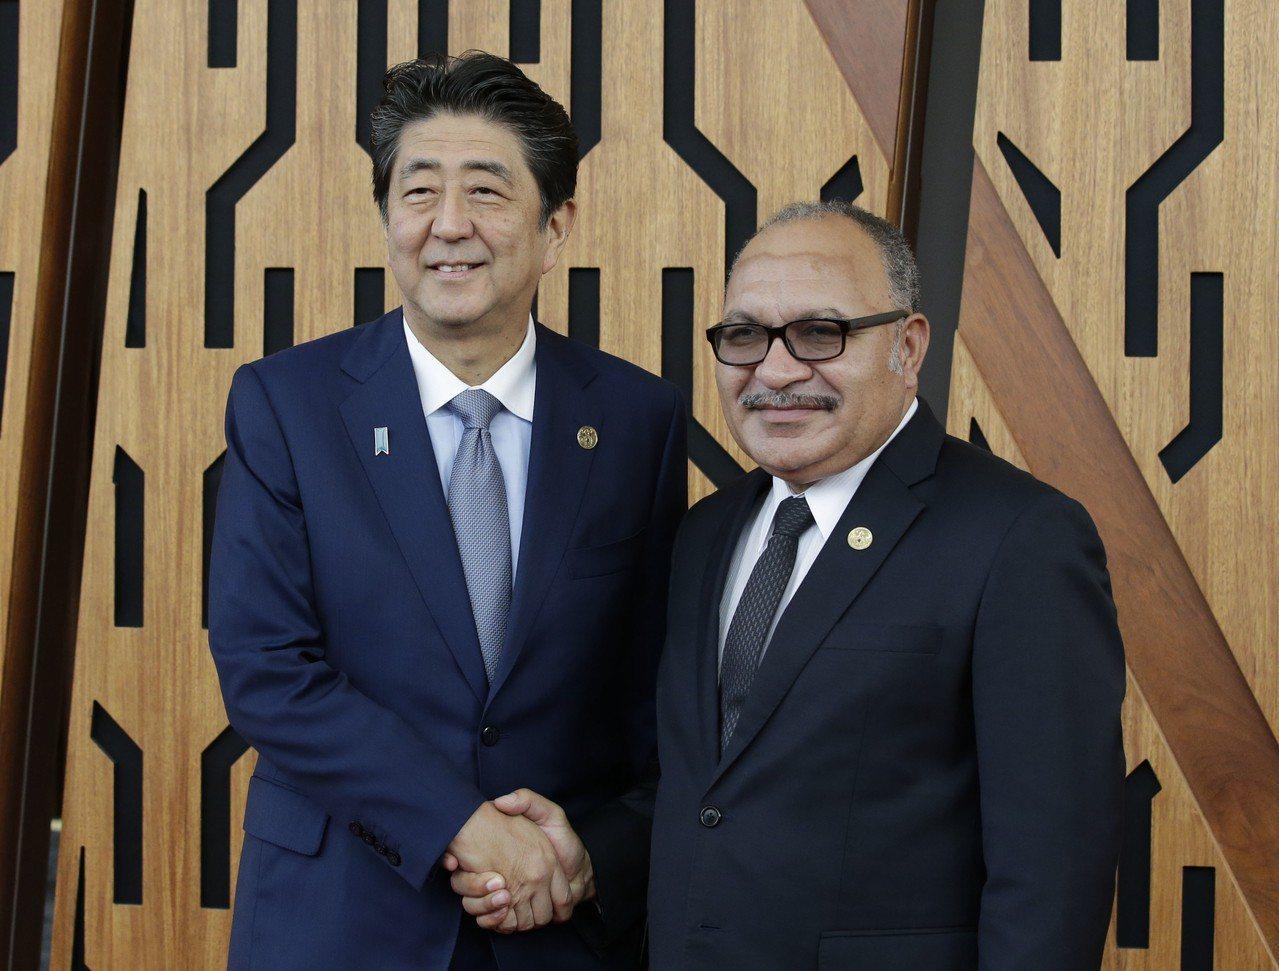 圖為日本首相安倍晉三(左)與巴布亞紐幾內亞總理歐尼爾(右)。 美聯社